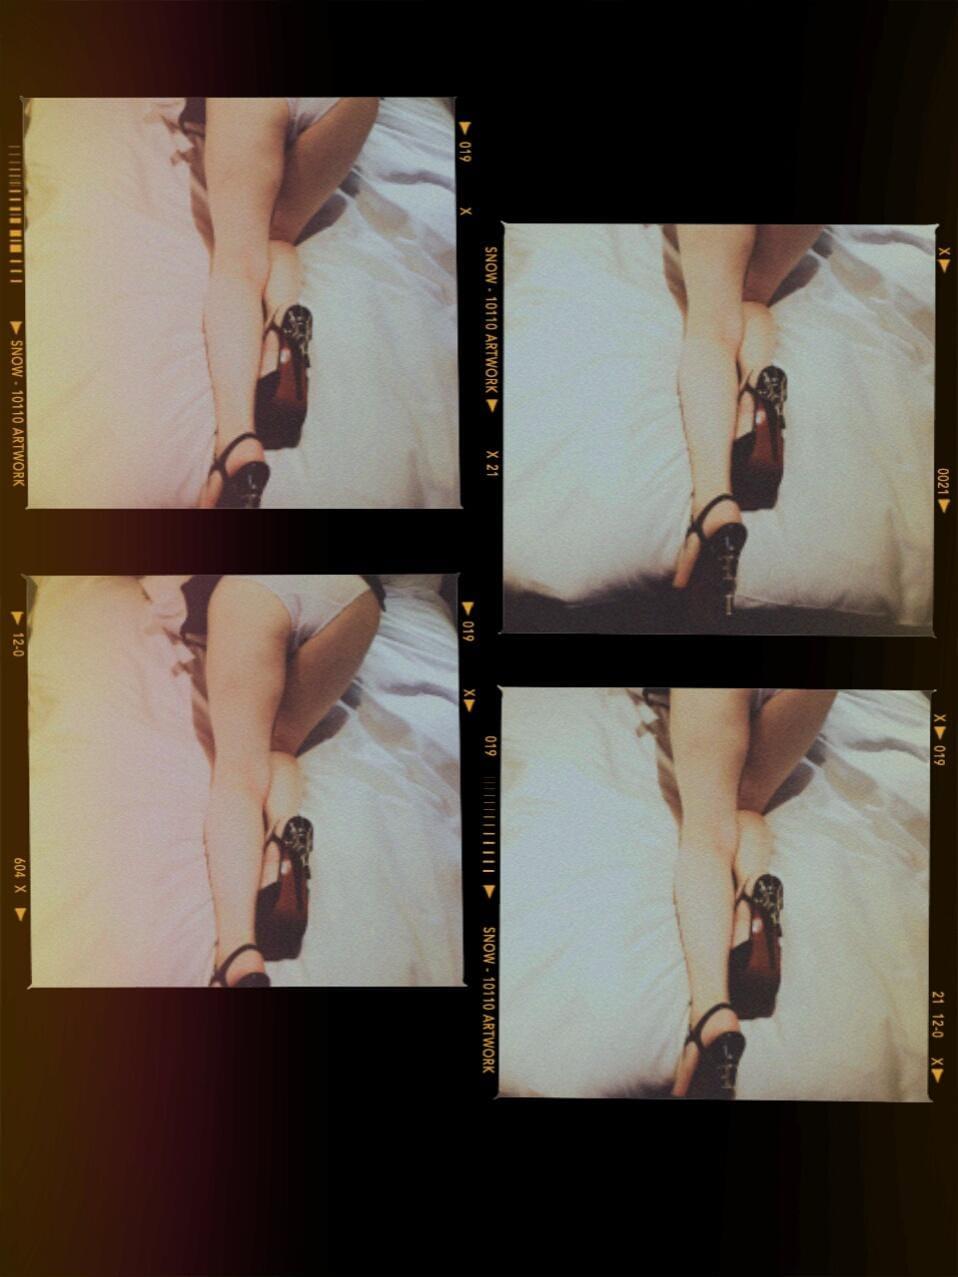 えり☆★黒髪美人に虜「お礼(*^▽^)/★*☆♪」12/08(土) 02:12 | えり☆★黒髪美人に虜の写メ・風俗動画